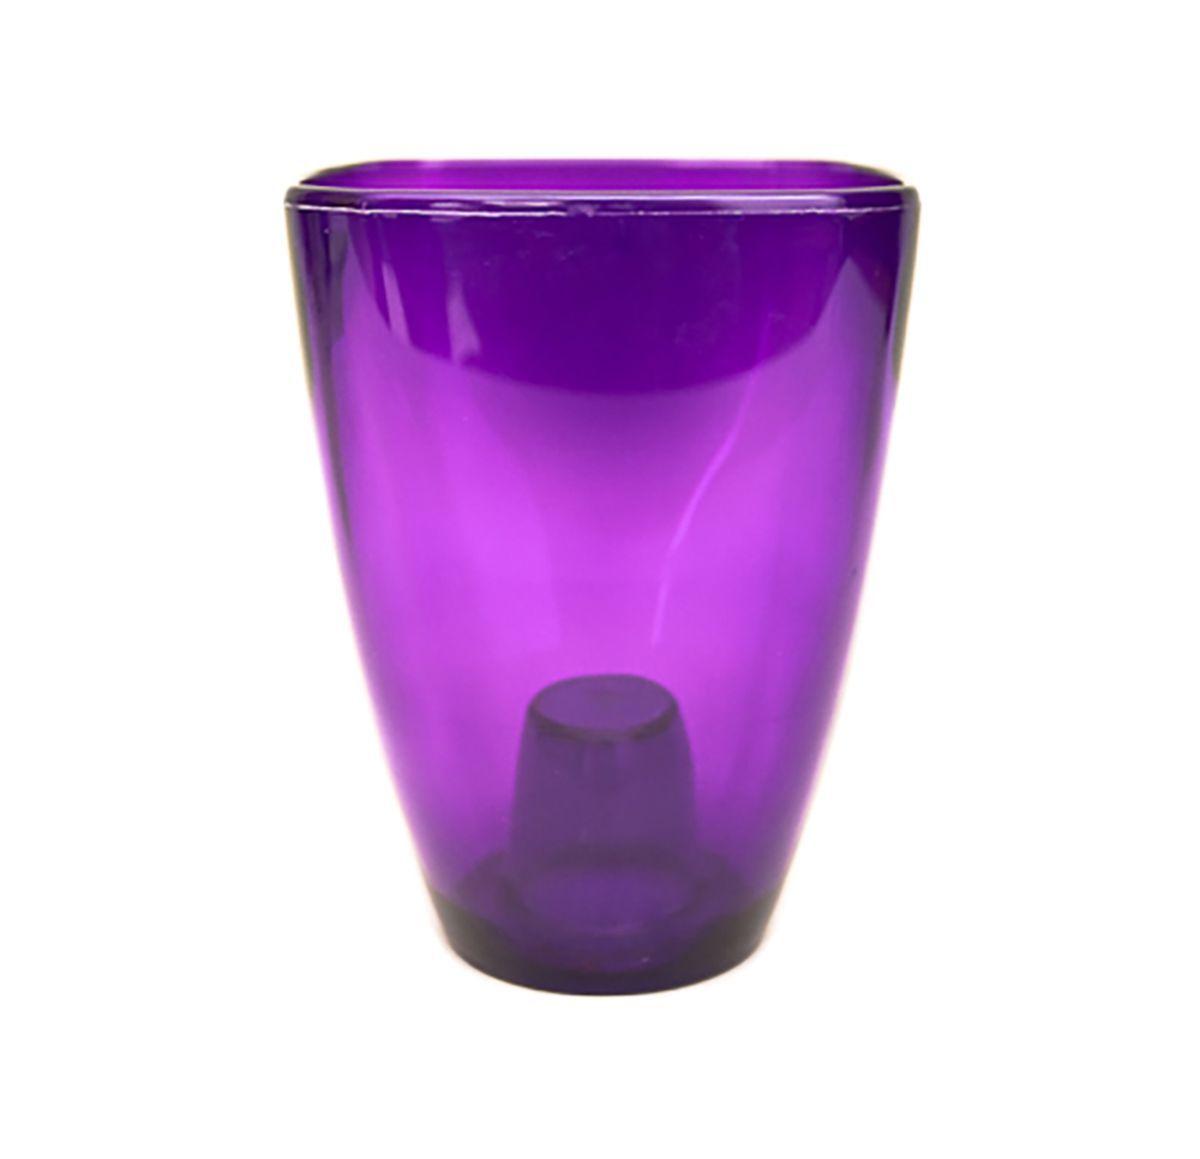 Кашпо для орхидей Form-Plastic Орхидея, цвет: фиолетовый, 2,8 л5908255624628Кашпо для орхидей Form-Plastic выполнено из высококачественного пластика. Прозрачные стенки обеспечат достаточное количество света корням растения. Необычная форма и насыщенный цвет подчеркнут красоту цветка.